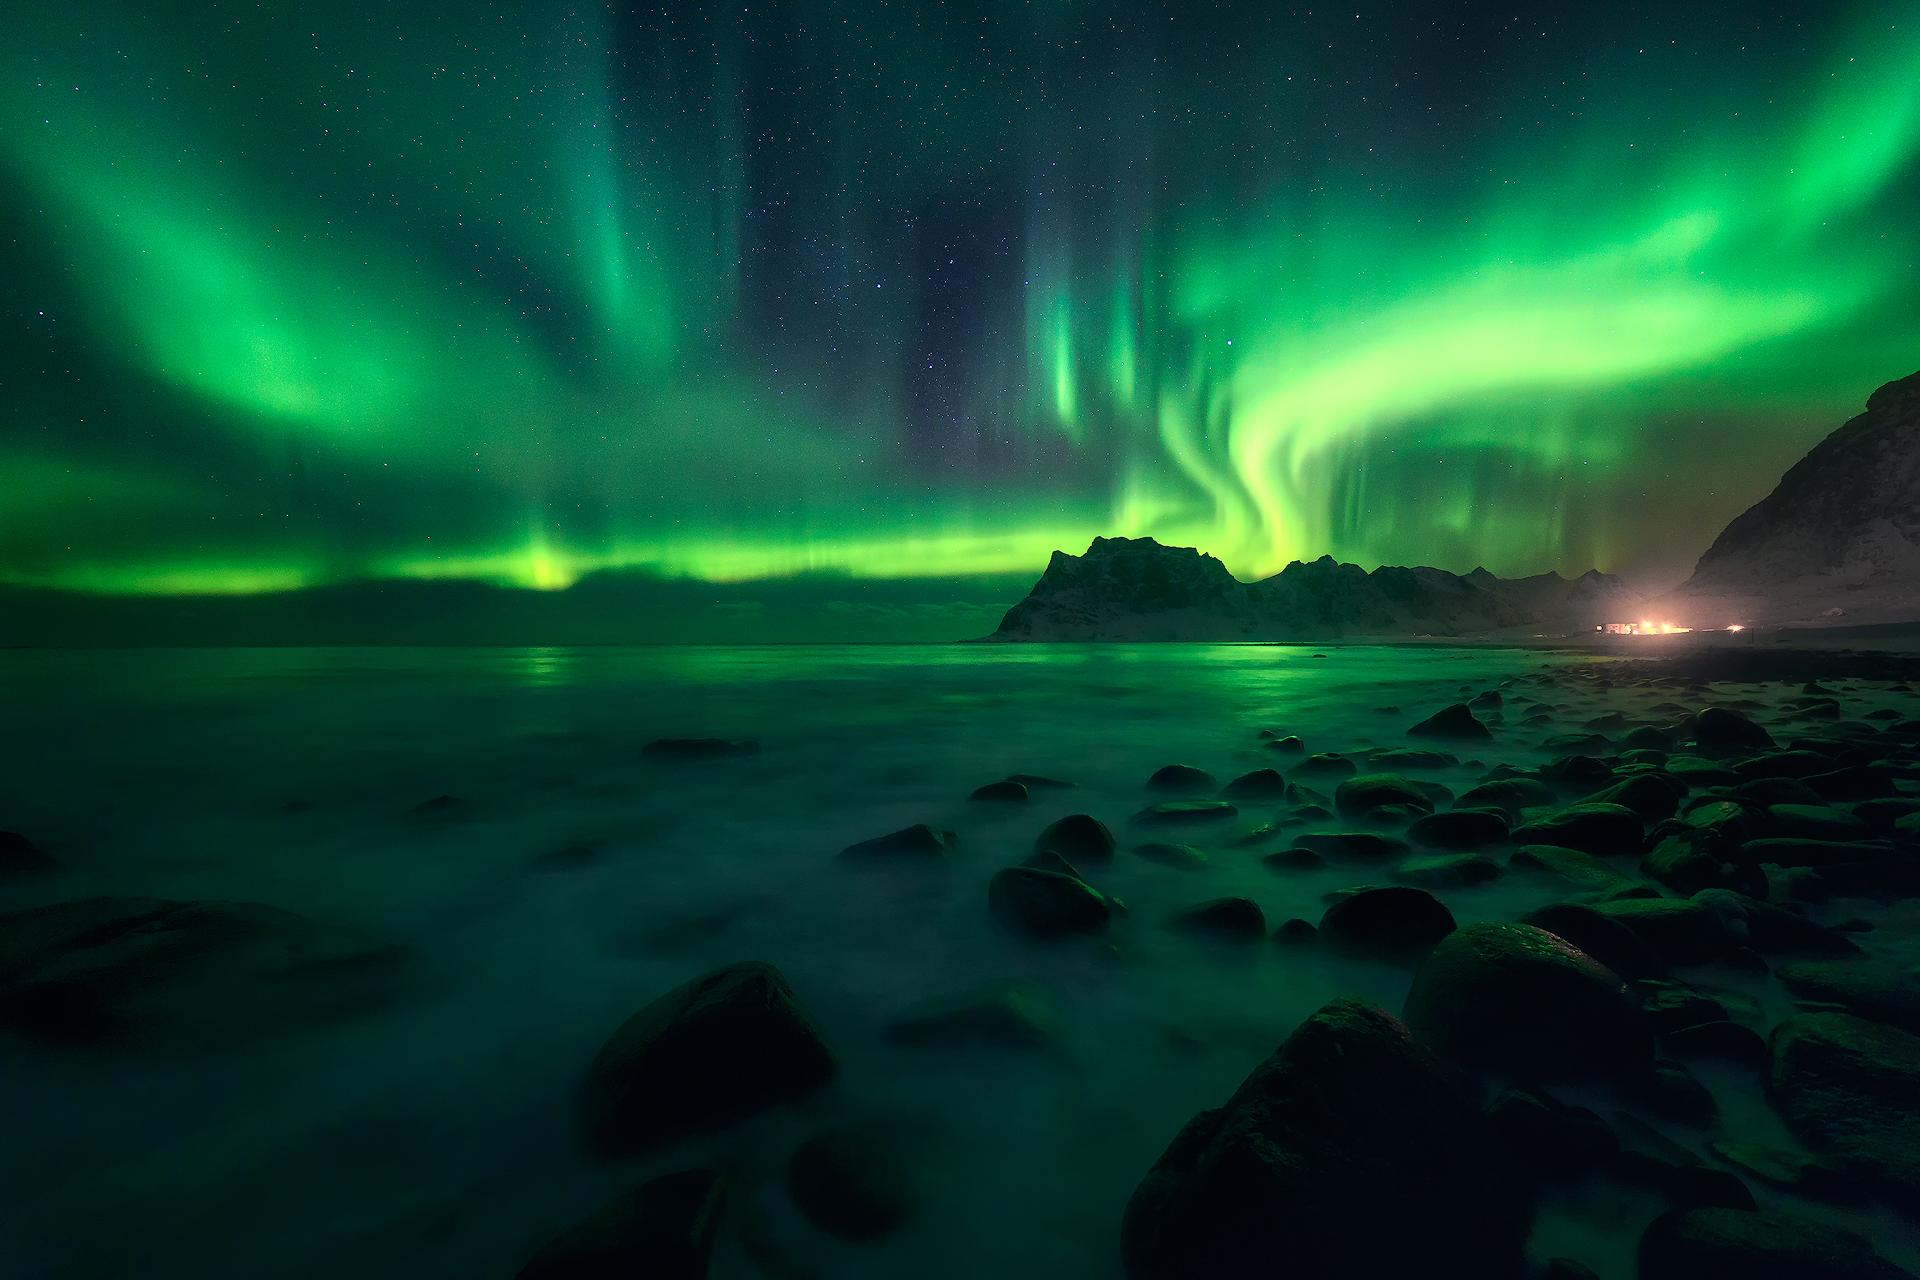 Strong northern lights at Uttakleiv, Lofoten